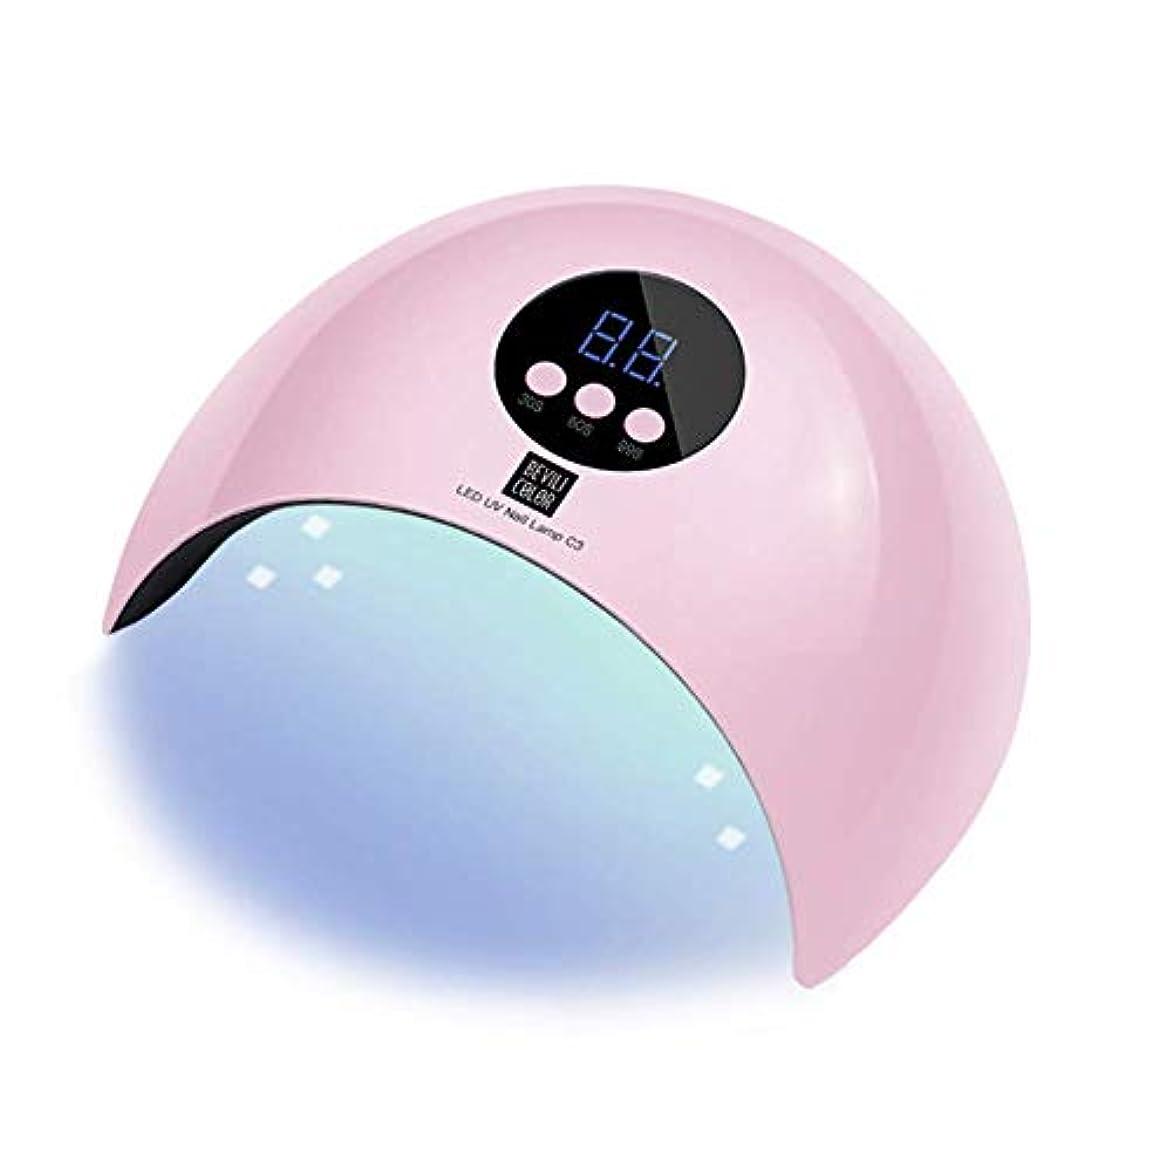 噴火シェード自己ネイルドライヤー LED UVネイルランプ 36W硬化用UVライト LED硬化ライト自動センサー タイマー付き 人感センサー式 赤外線センサー付き 液晶ディスプレー 手足両用 ジェルネイル用 ピンク